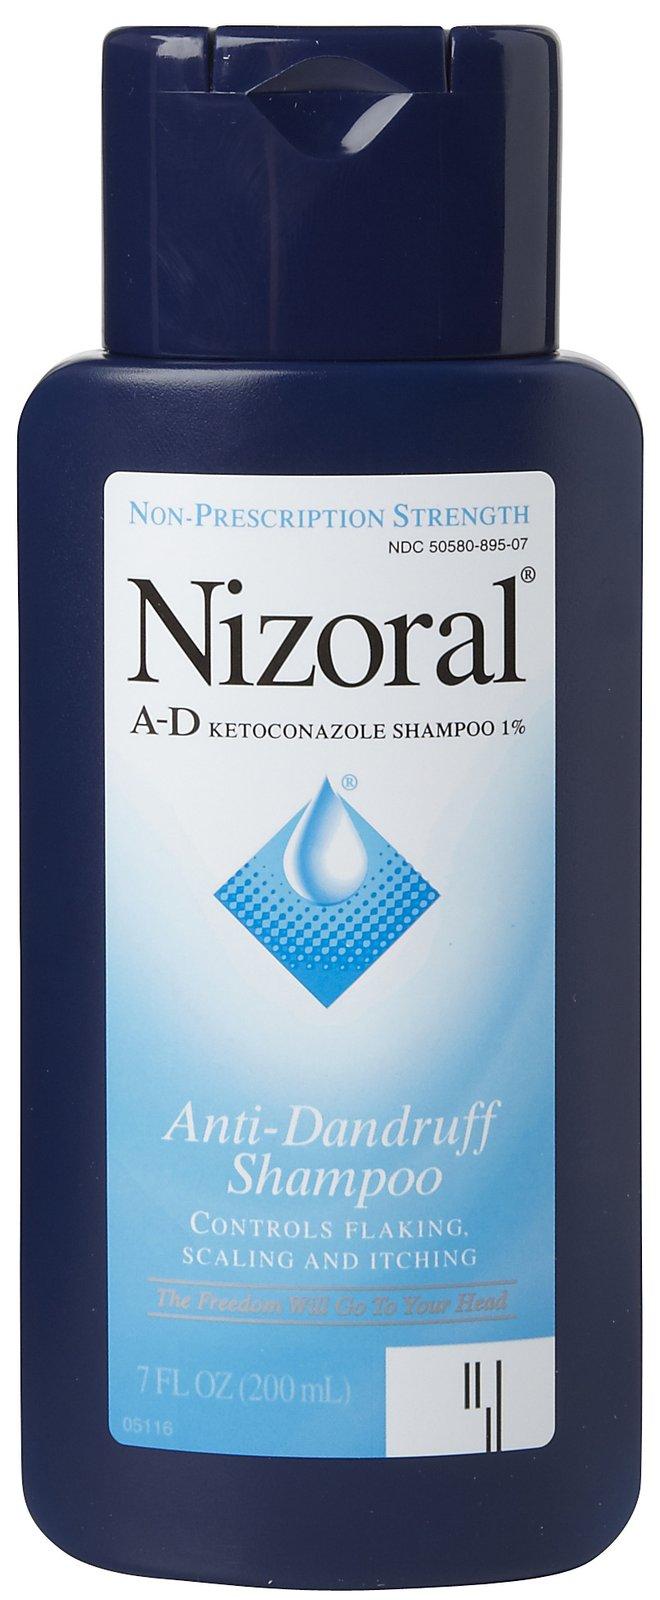 ketoconazole shampoo.jpg